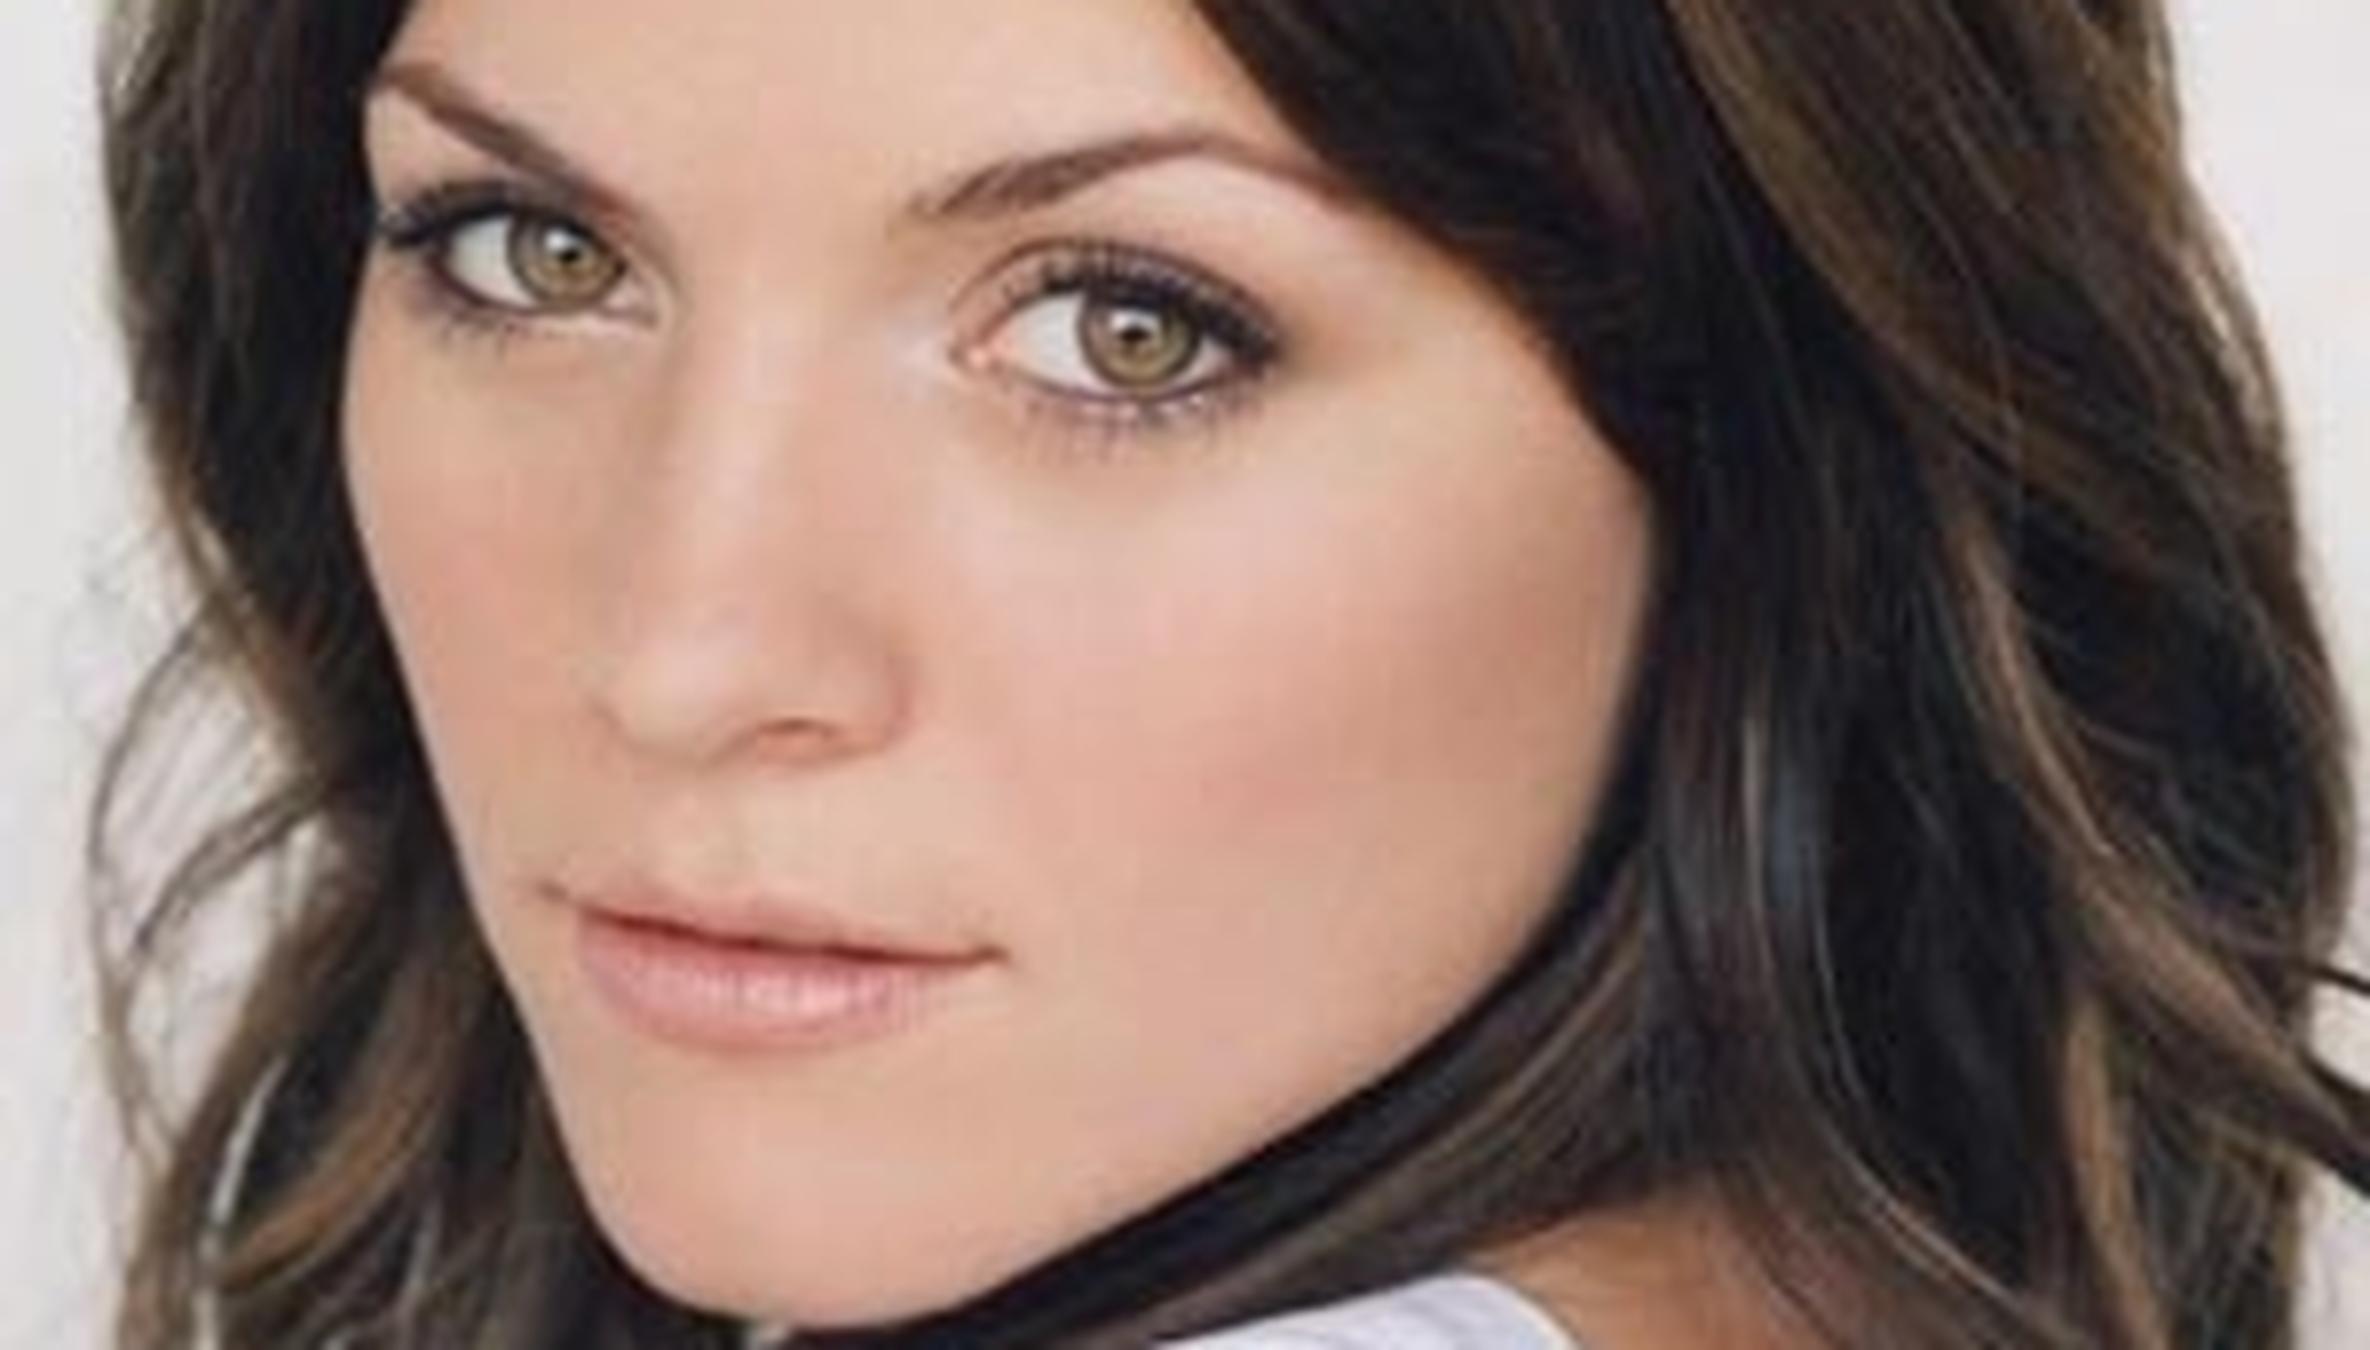 Maki Horikita (b. 1988 Later became an actress.,Sharon Thomas Sex pics & movies Kitty Aldridge,18. Sarah Palin